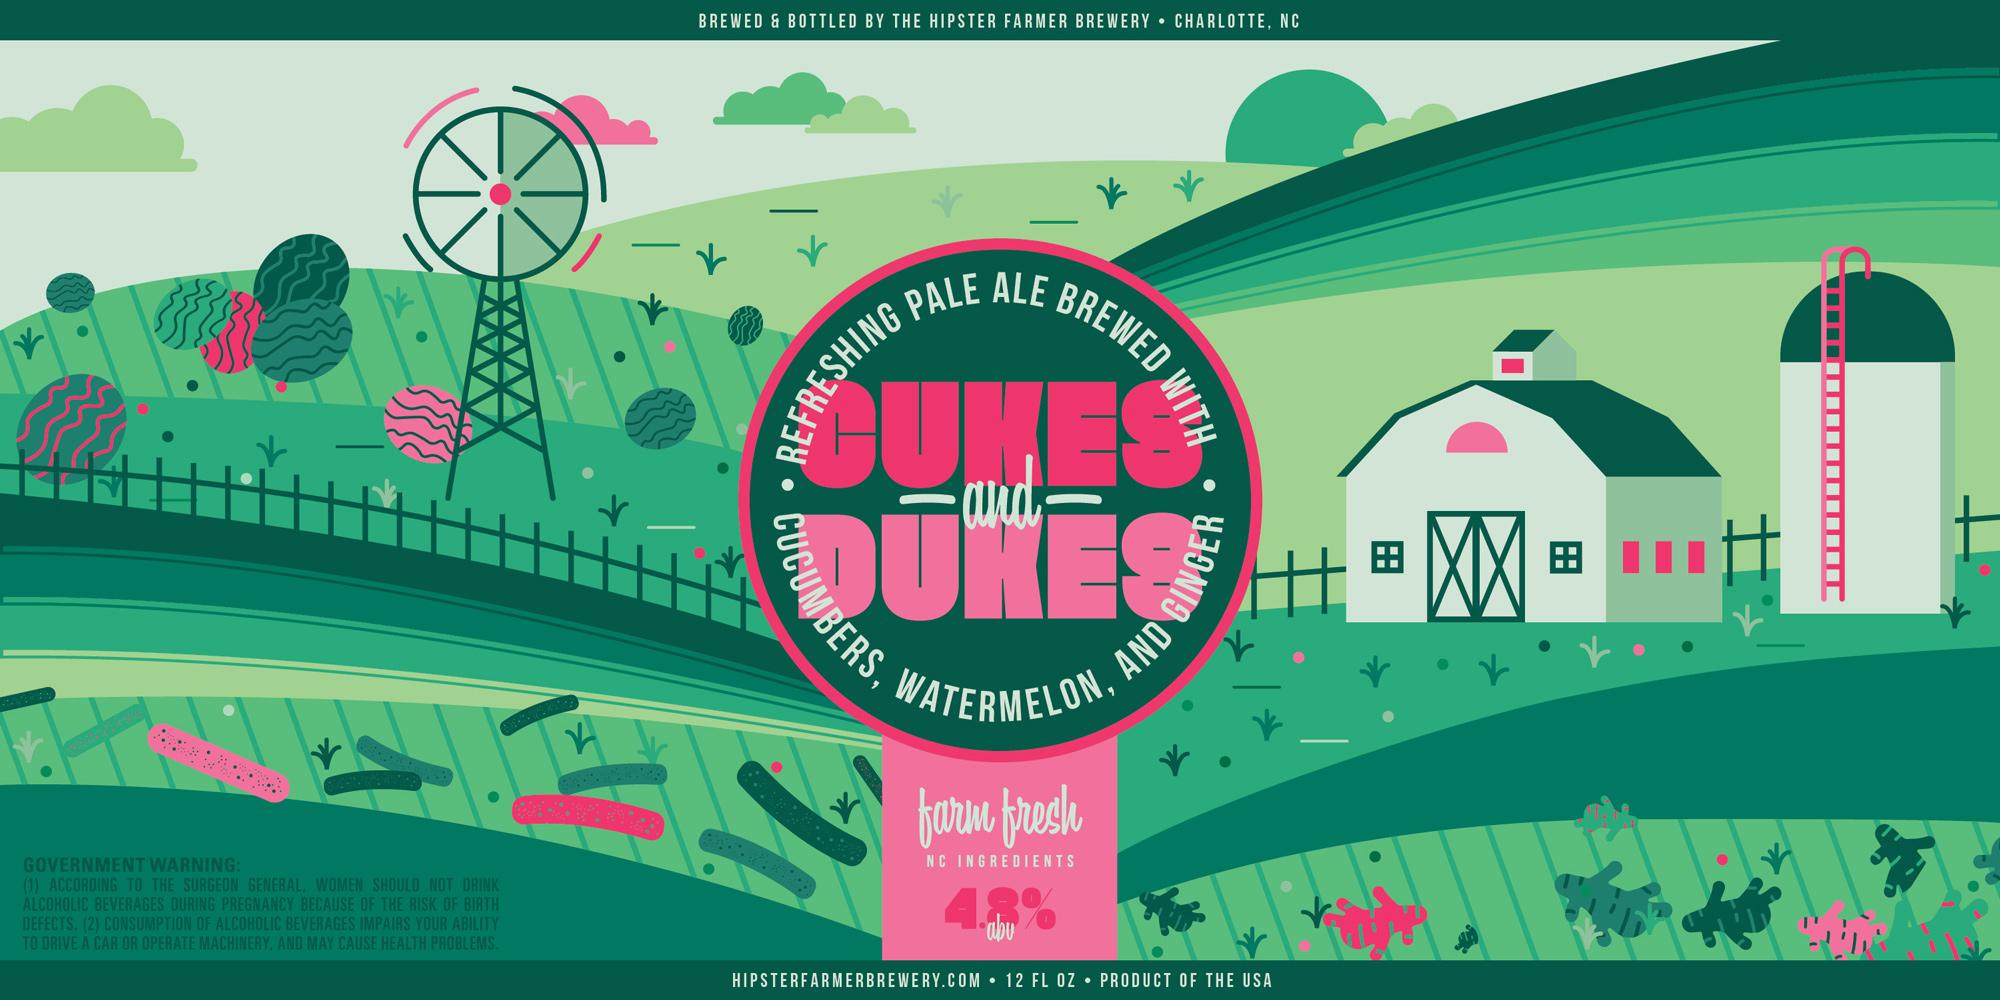 Cukes_Dukes_Bottle_Label.jpg